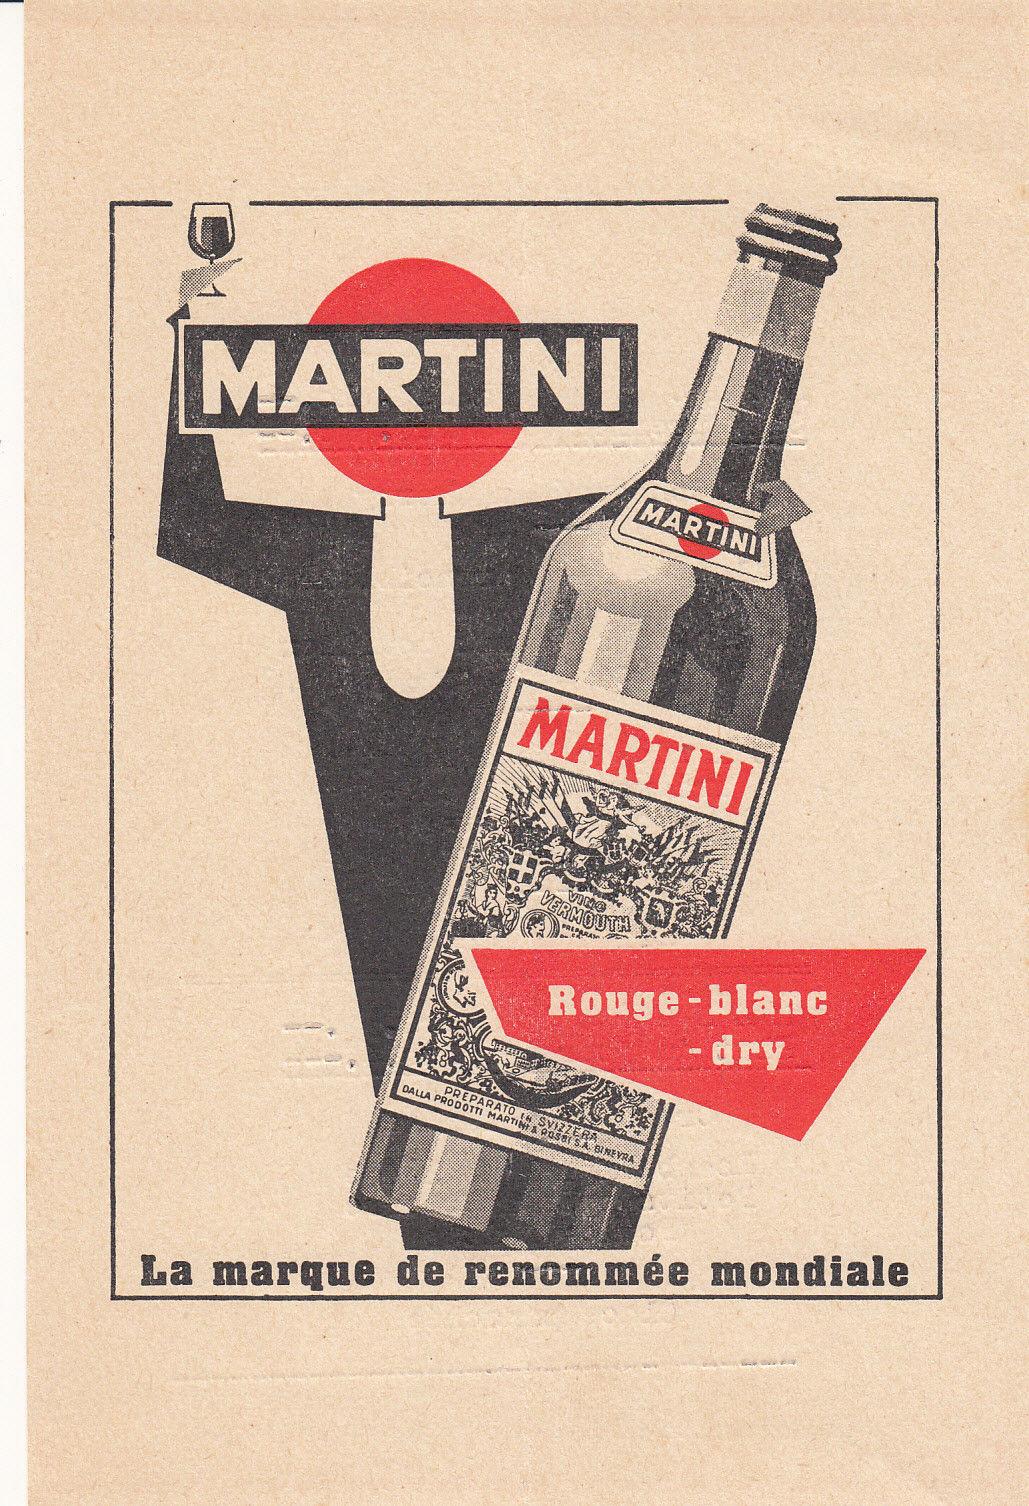 La Marque de Renommee Mondiale Martini Menu Vermouth 1940's